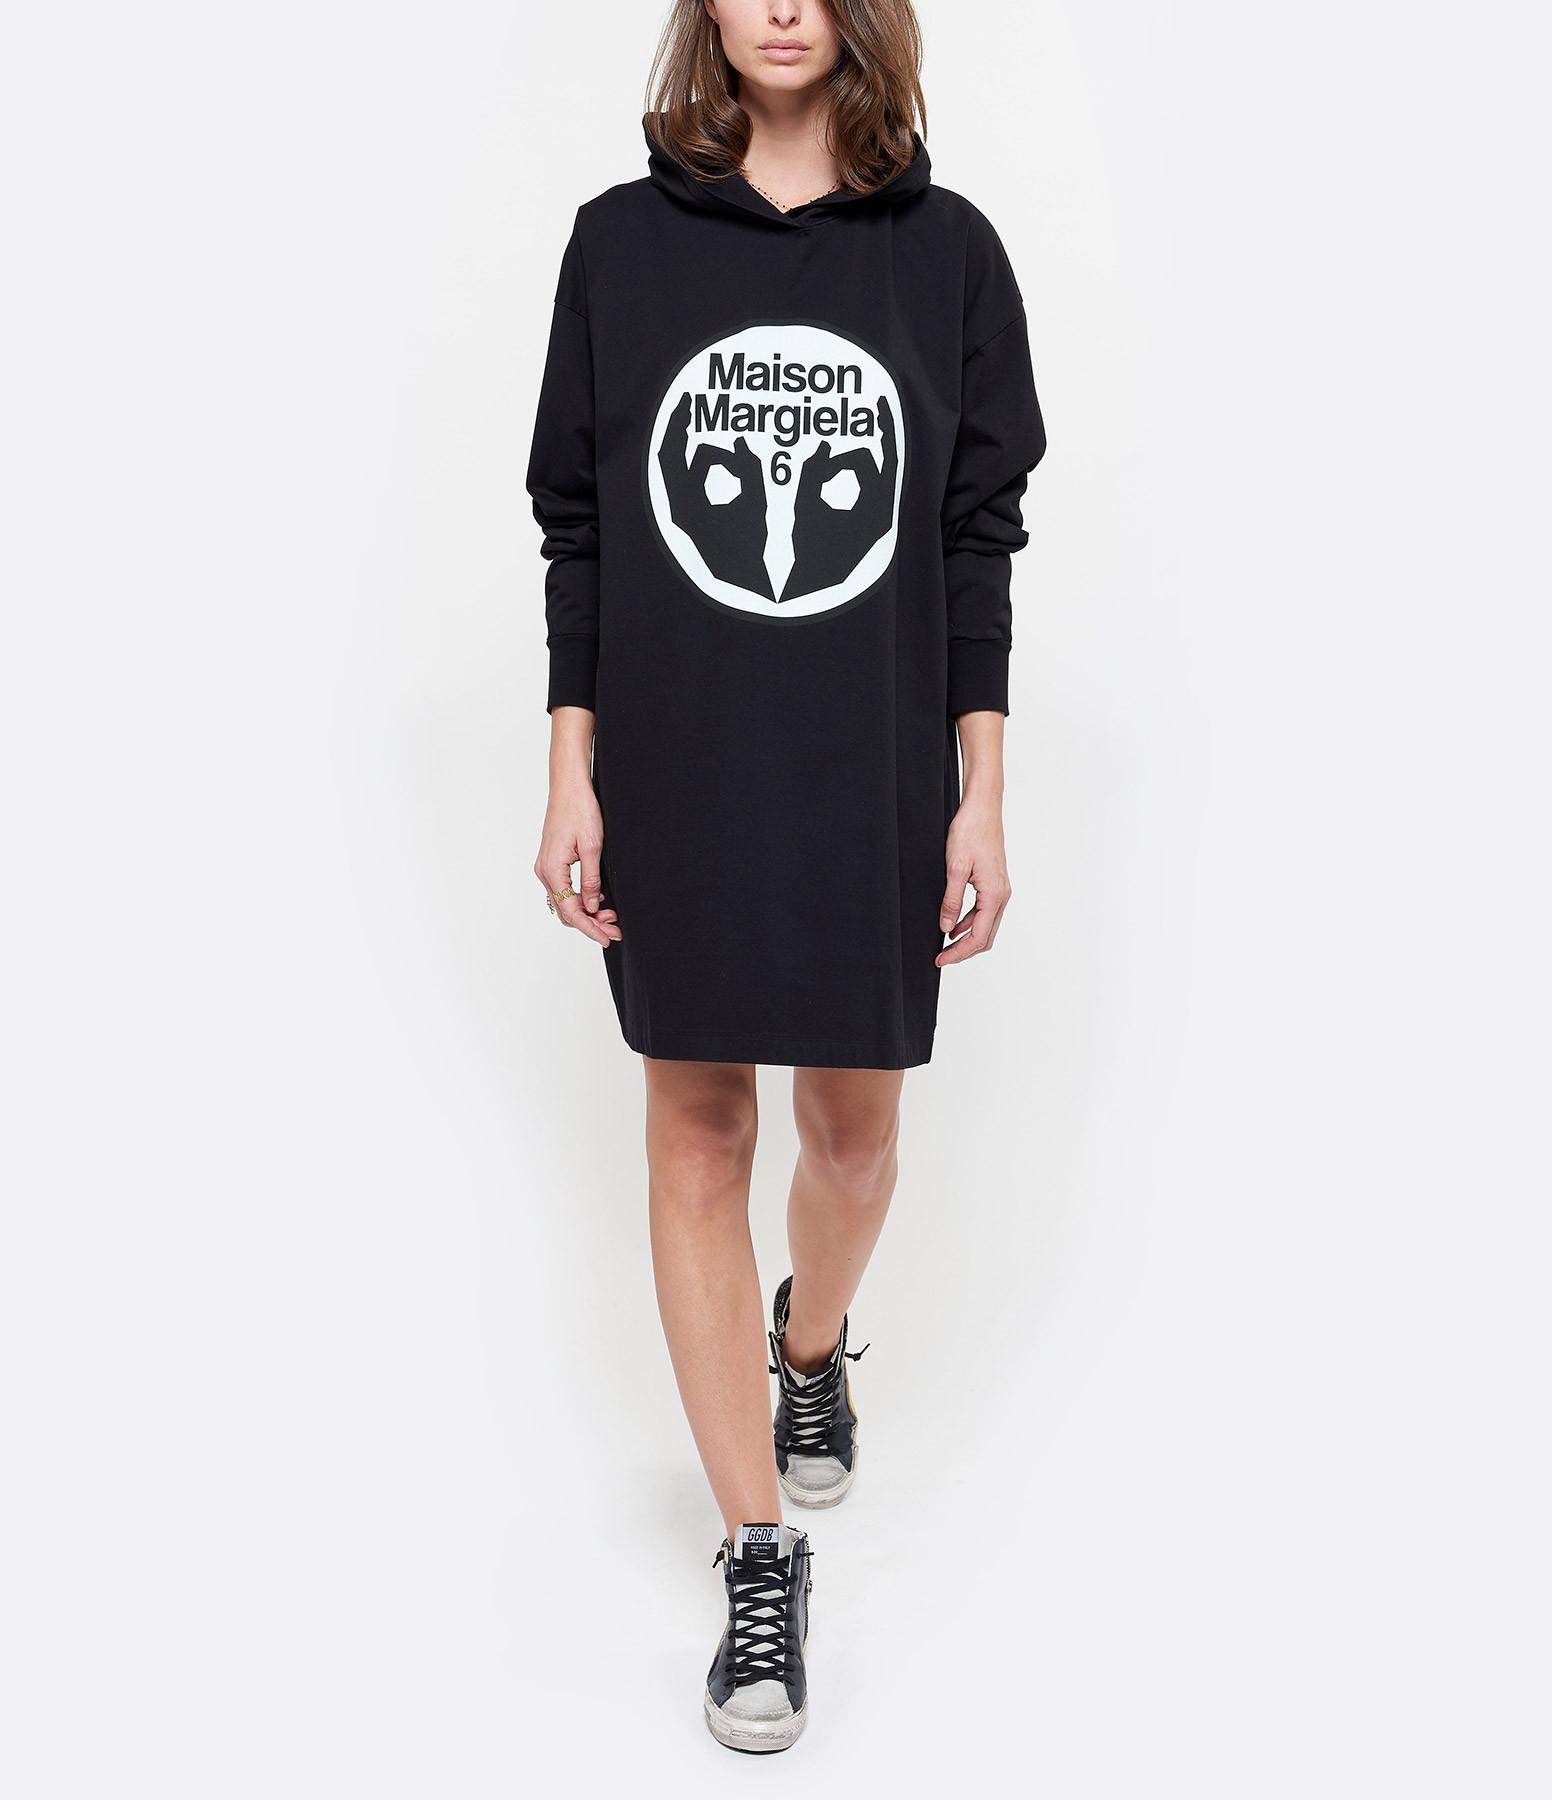 MM6 MAISON MARGIELA - Robe Sweatshirt American Jersey Noir